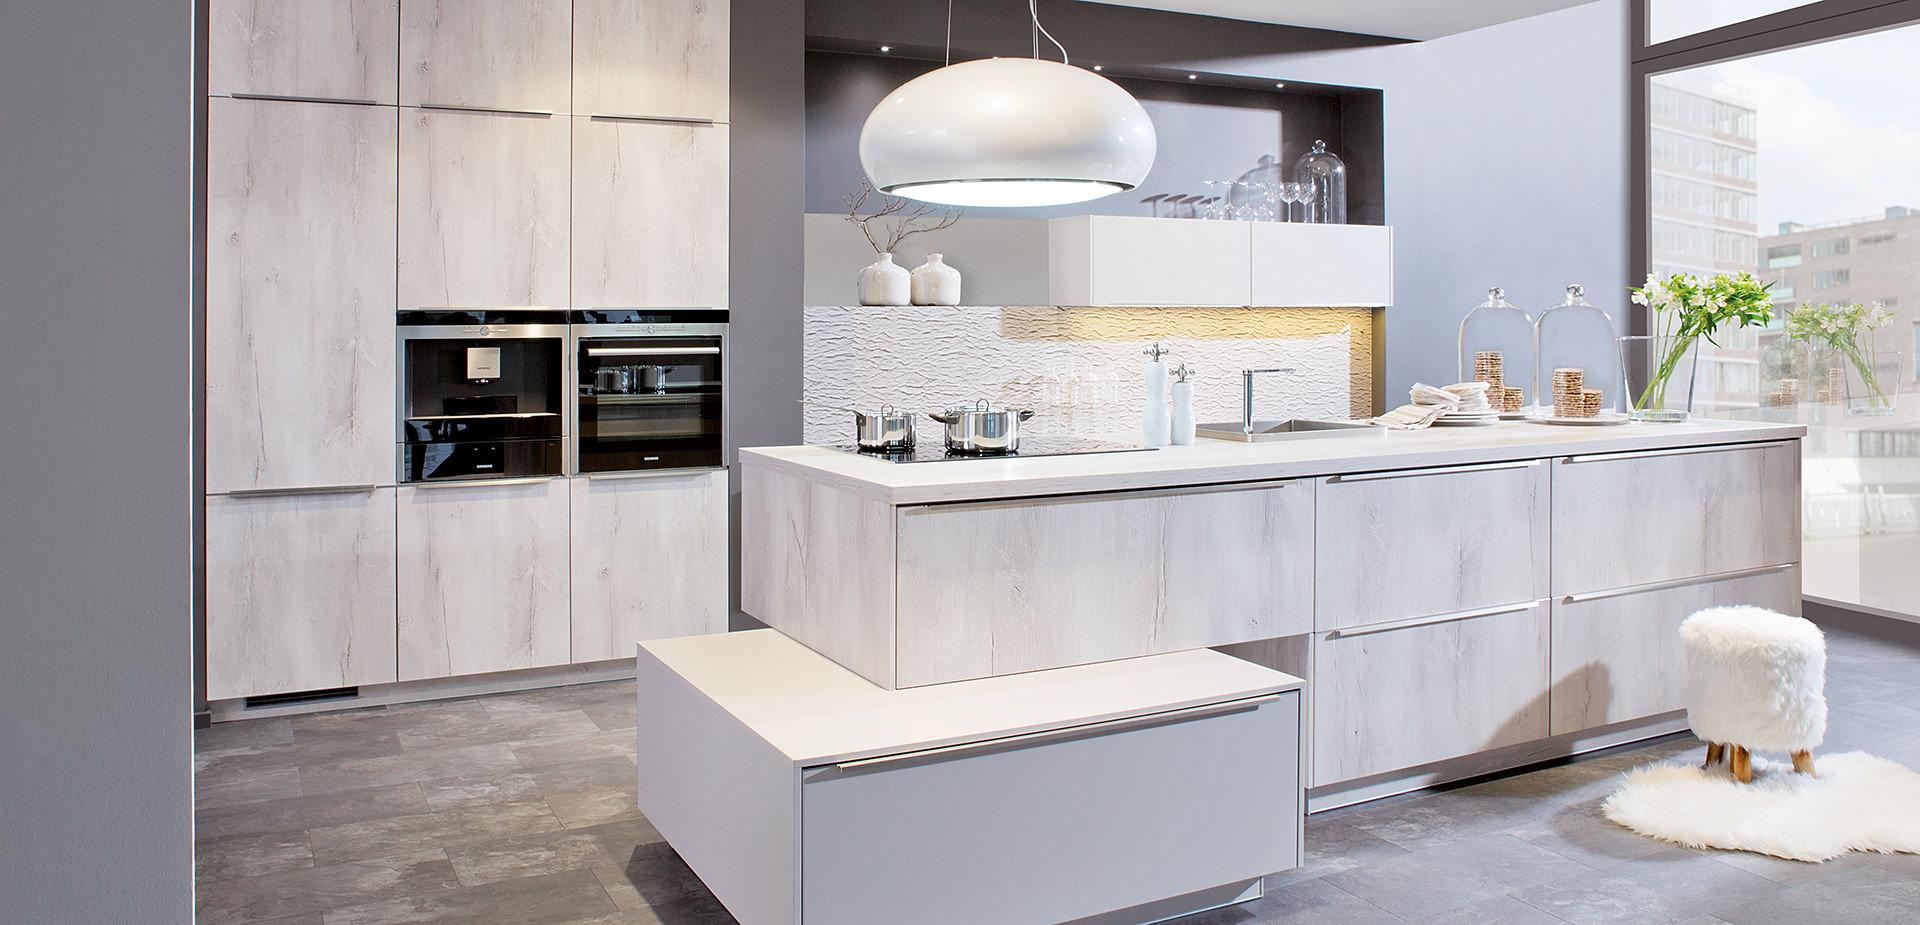 Full Size of Grifflose Küche Kindersicherung Grifflose Küche Mit Insel Grifflose Küche Teurer Ikea Grifflose Küche Küche Grifflose Küche